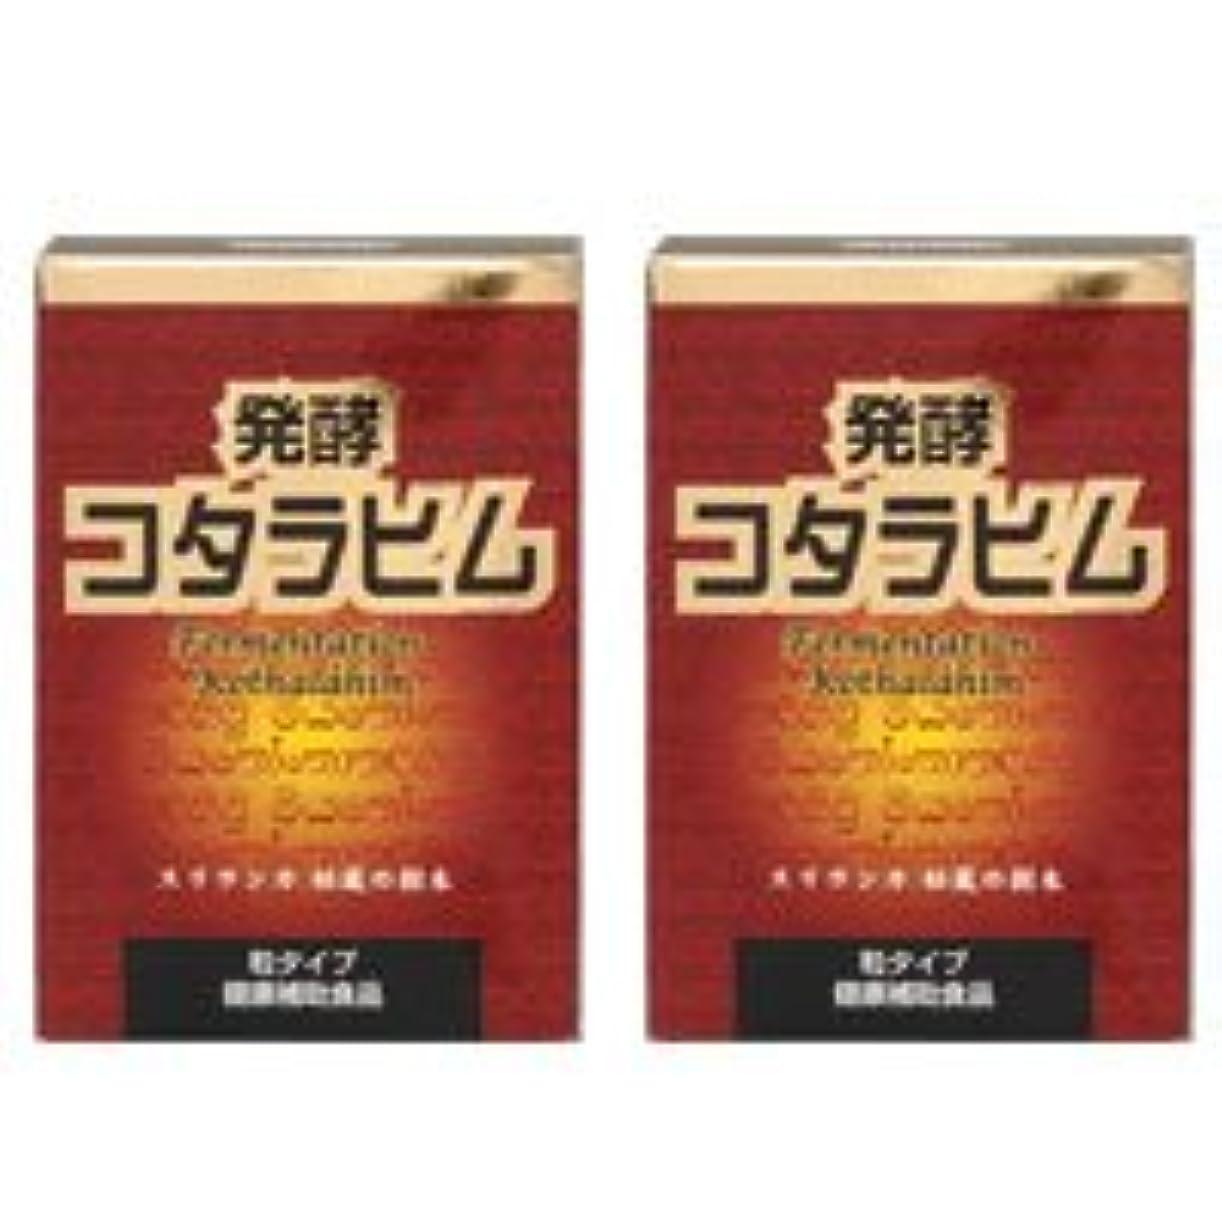 できれば奨学金無傷発酵コタラヒム2個セット【糖を変化させるコタラヒム】